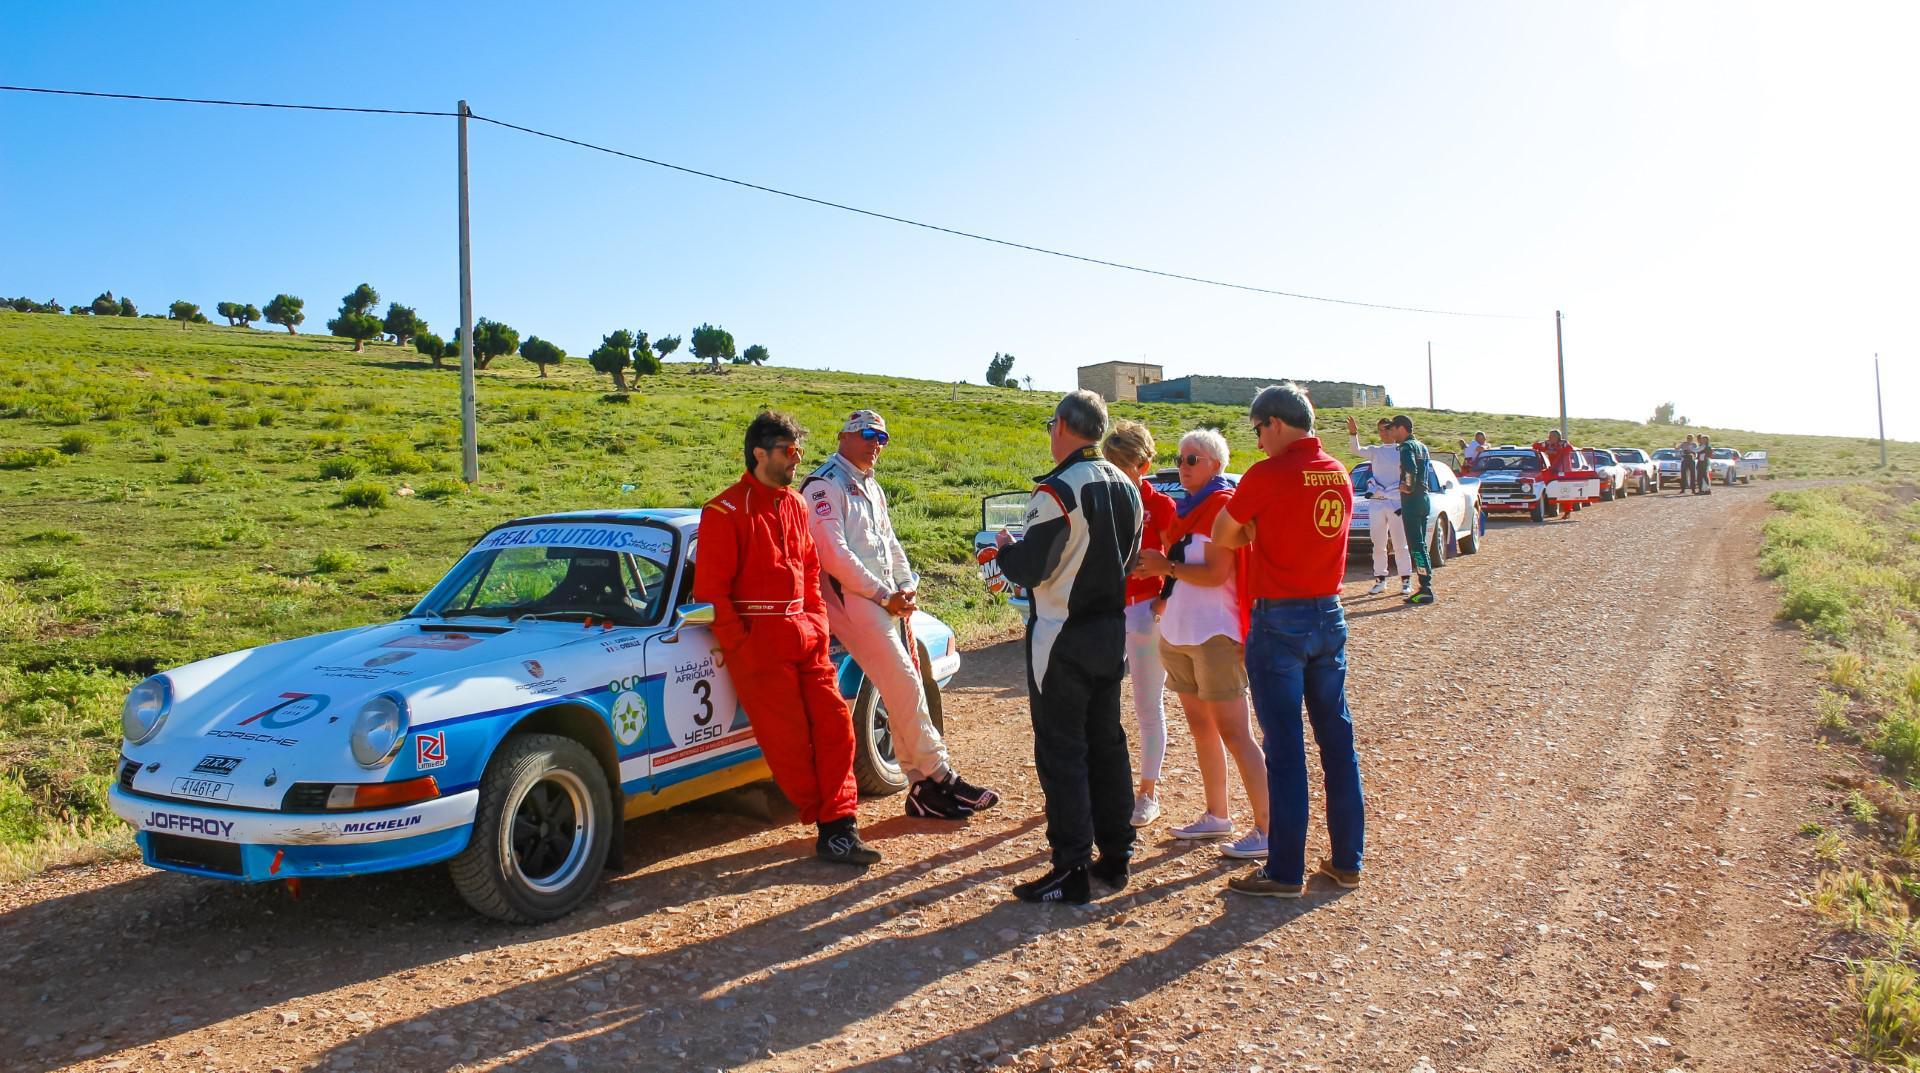 maroc-historic-rally-mhr-2018-deveza-remonte-sur-oreille-825-5.jpg